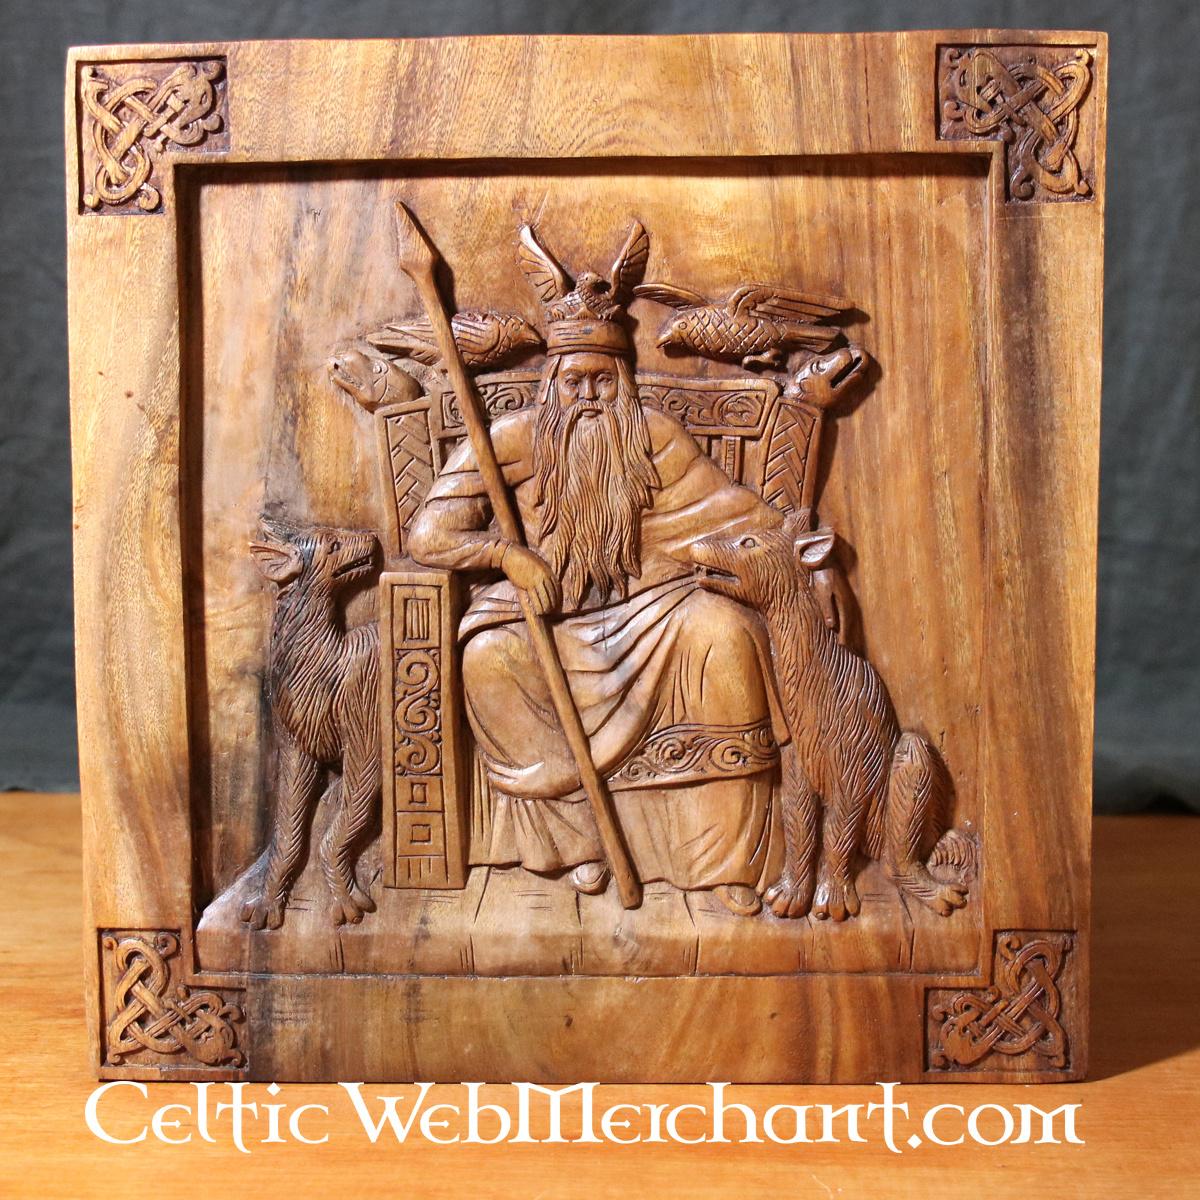 Décoration murale en bois Odin